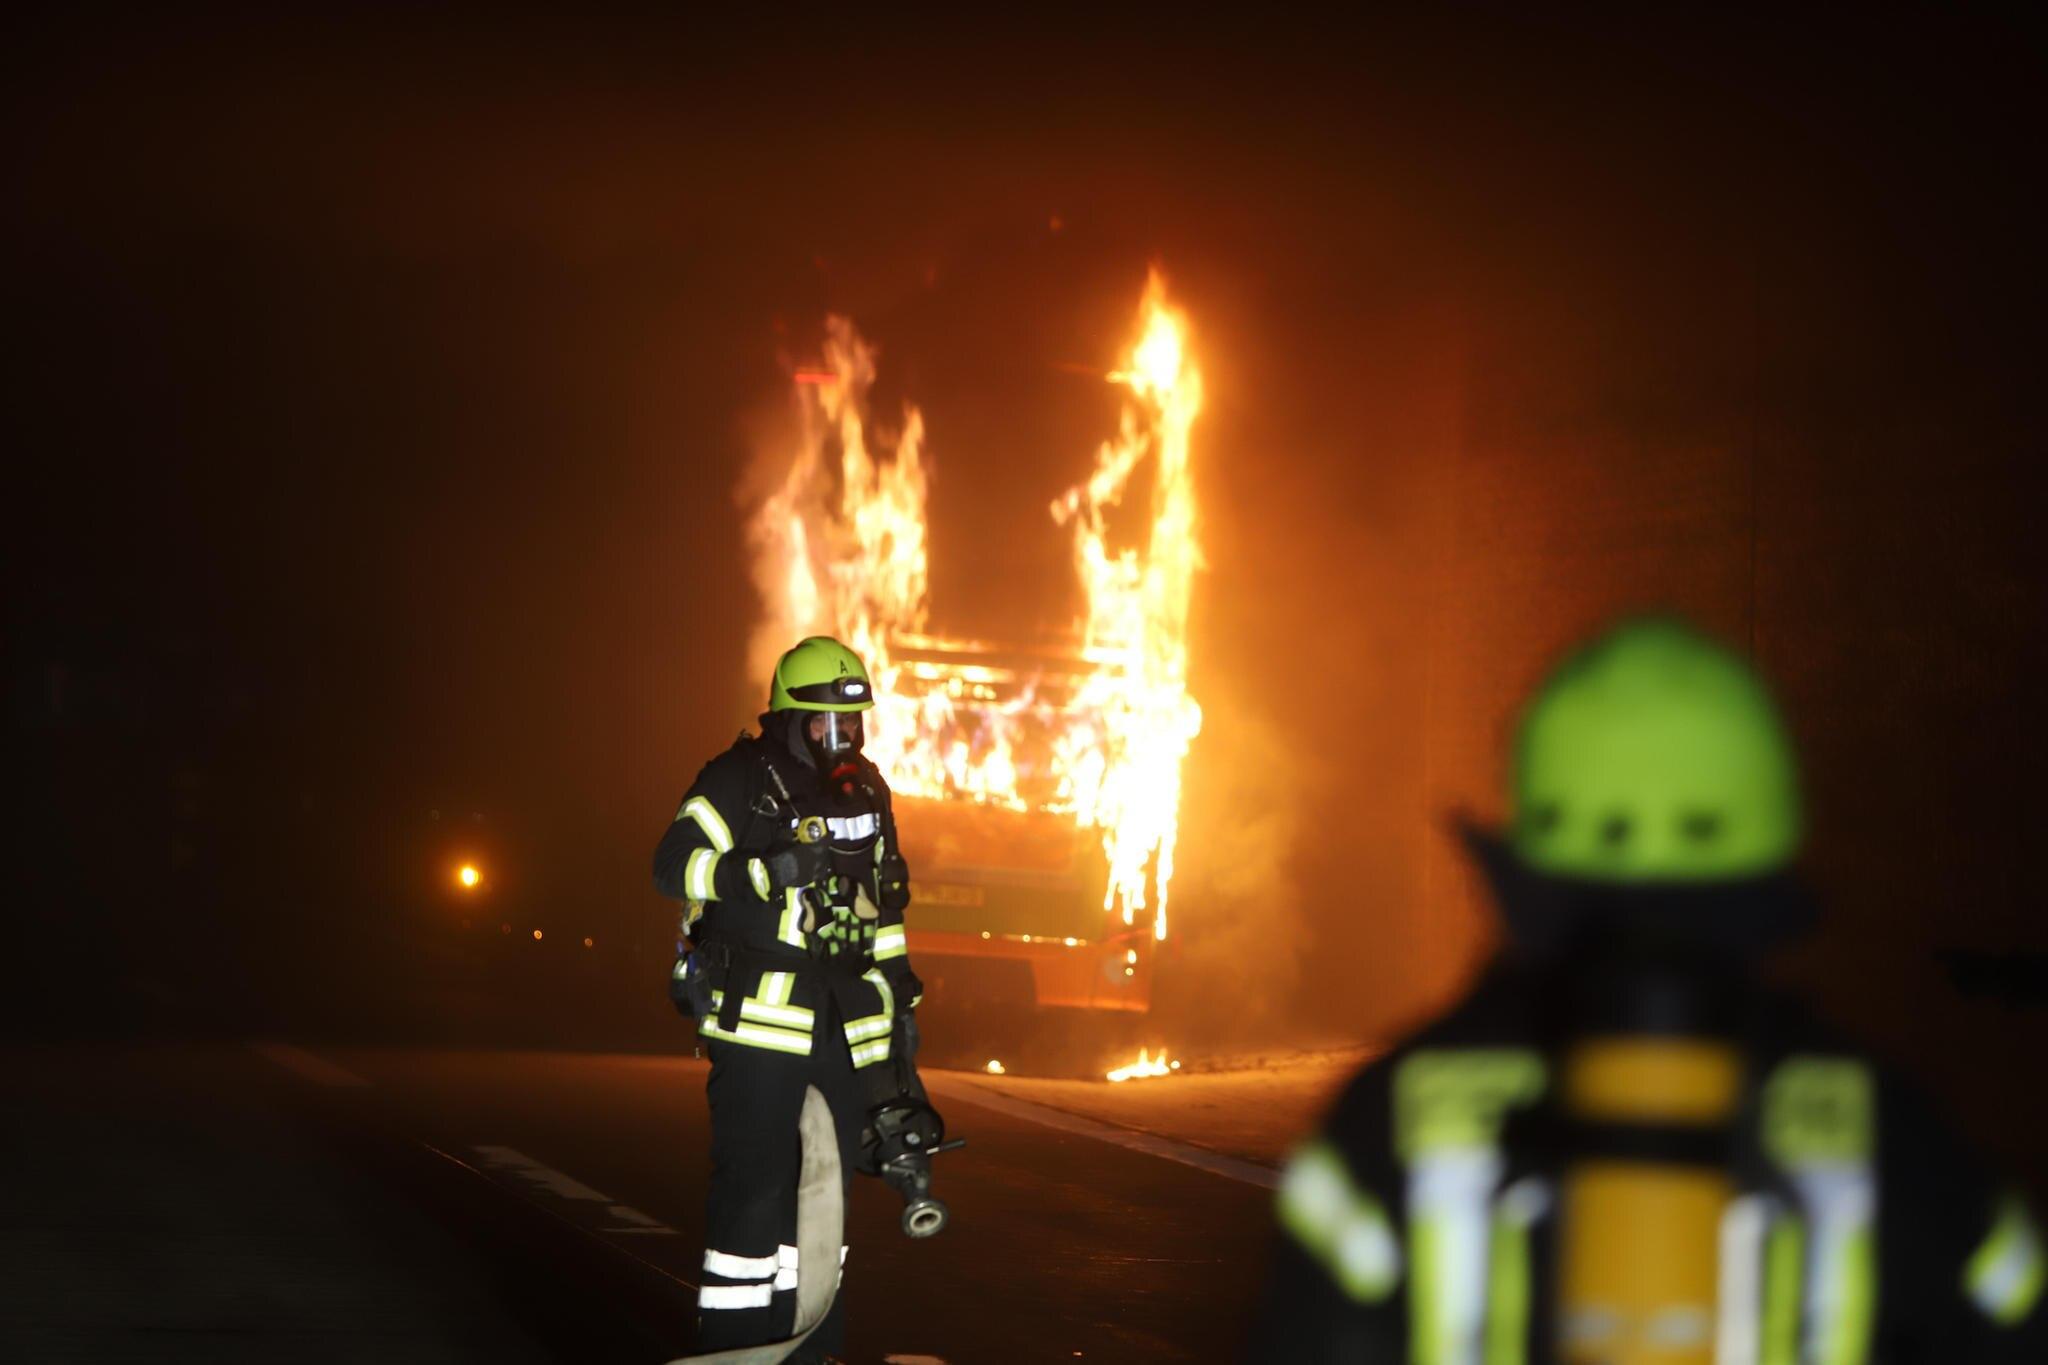 Auf dem Weg nach Hamburg geriet ein FlixBus in Brand.